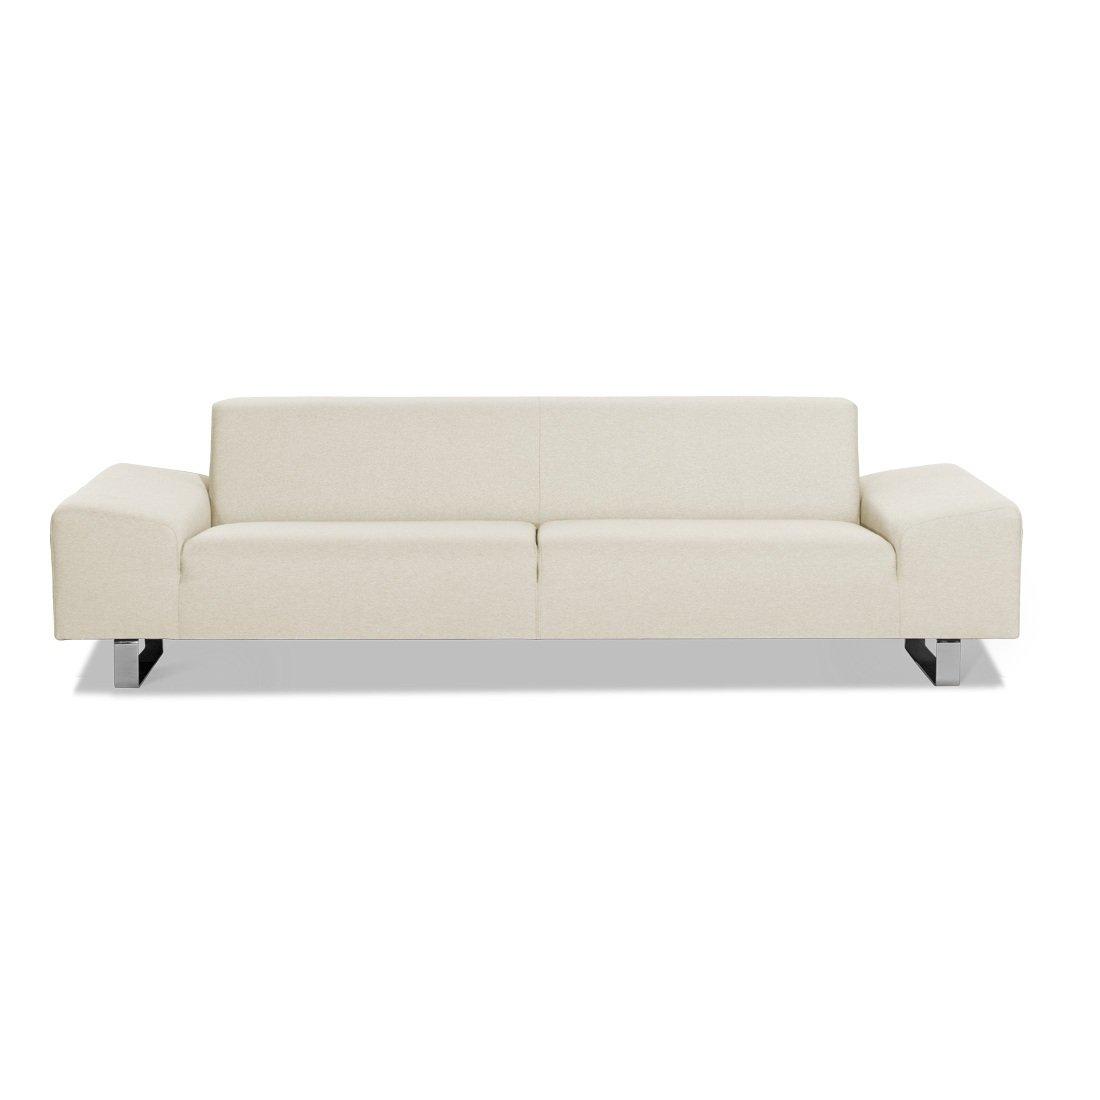 3-Sitzer Sofa Hellbeige Designer Couch Sofa bestellen